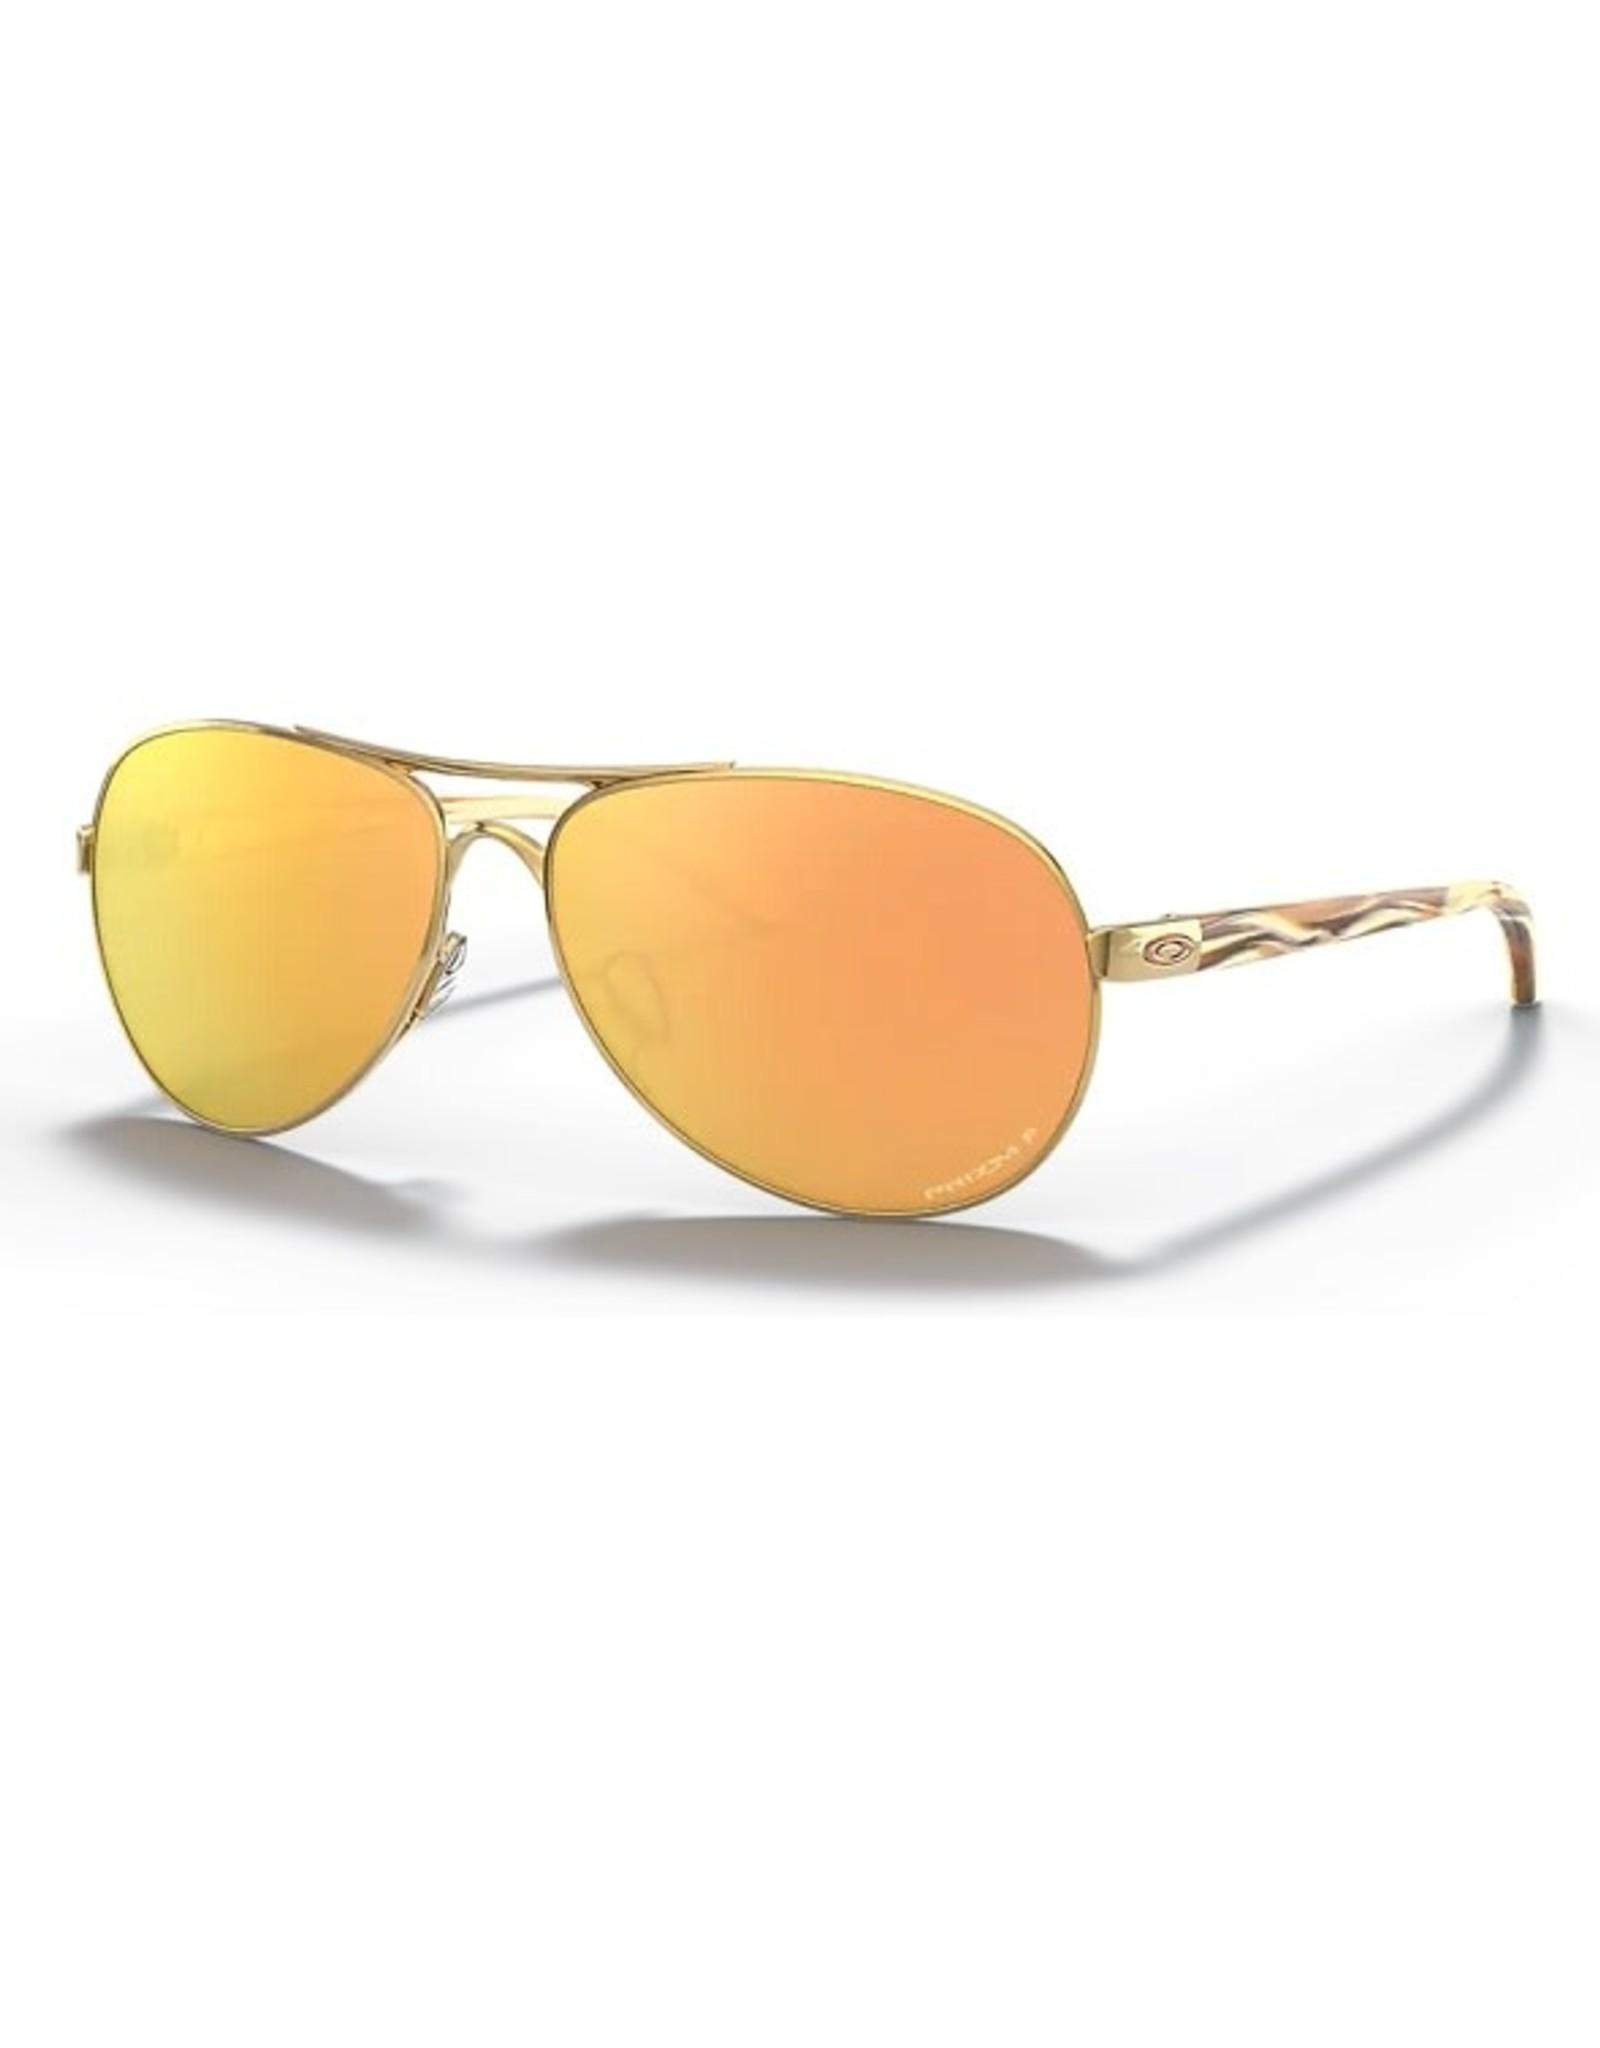 Oakley FEEDBACK Polished Gold, Prizm Rose Gold Iridium Polarized